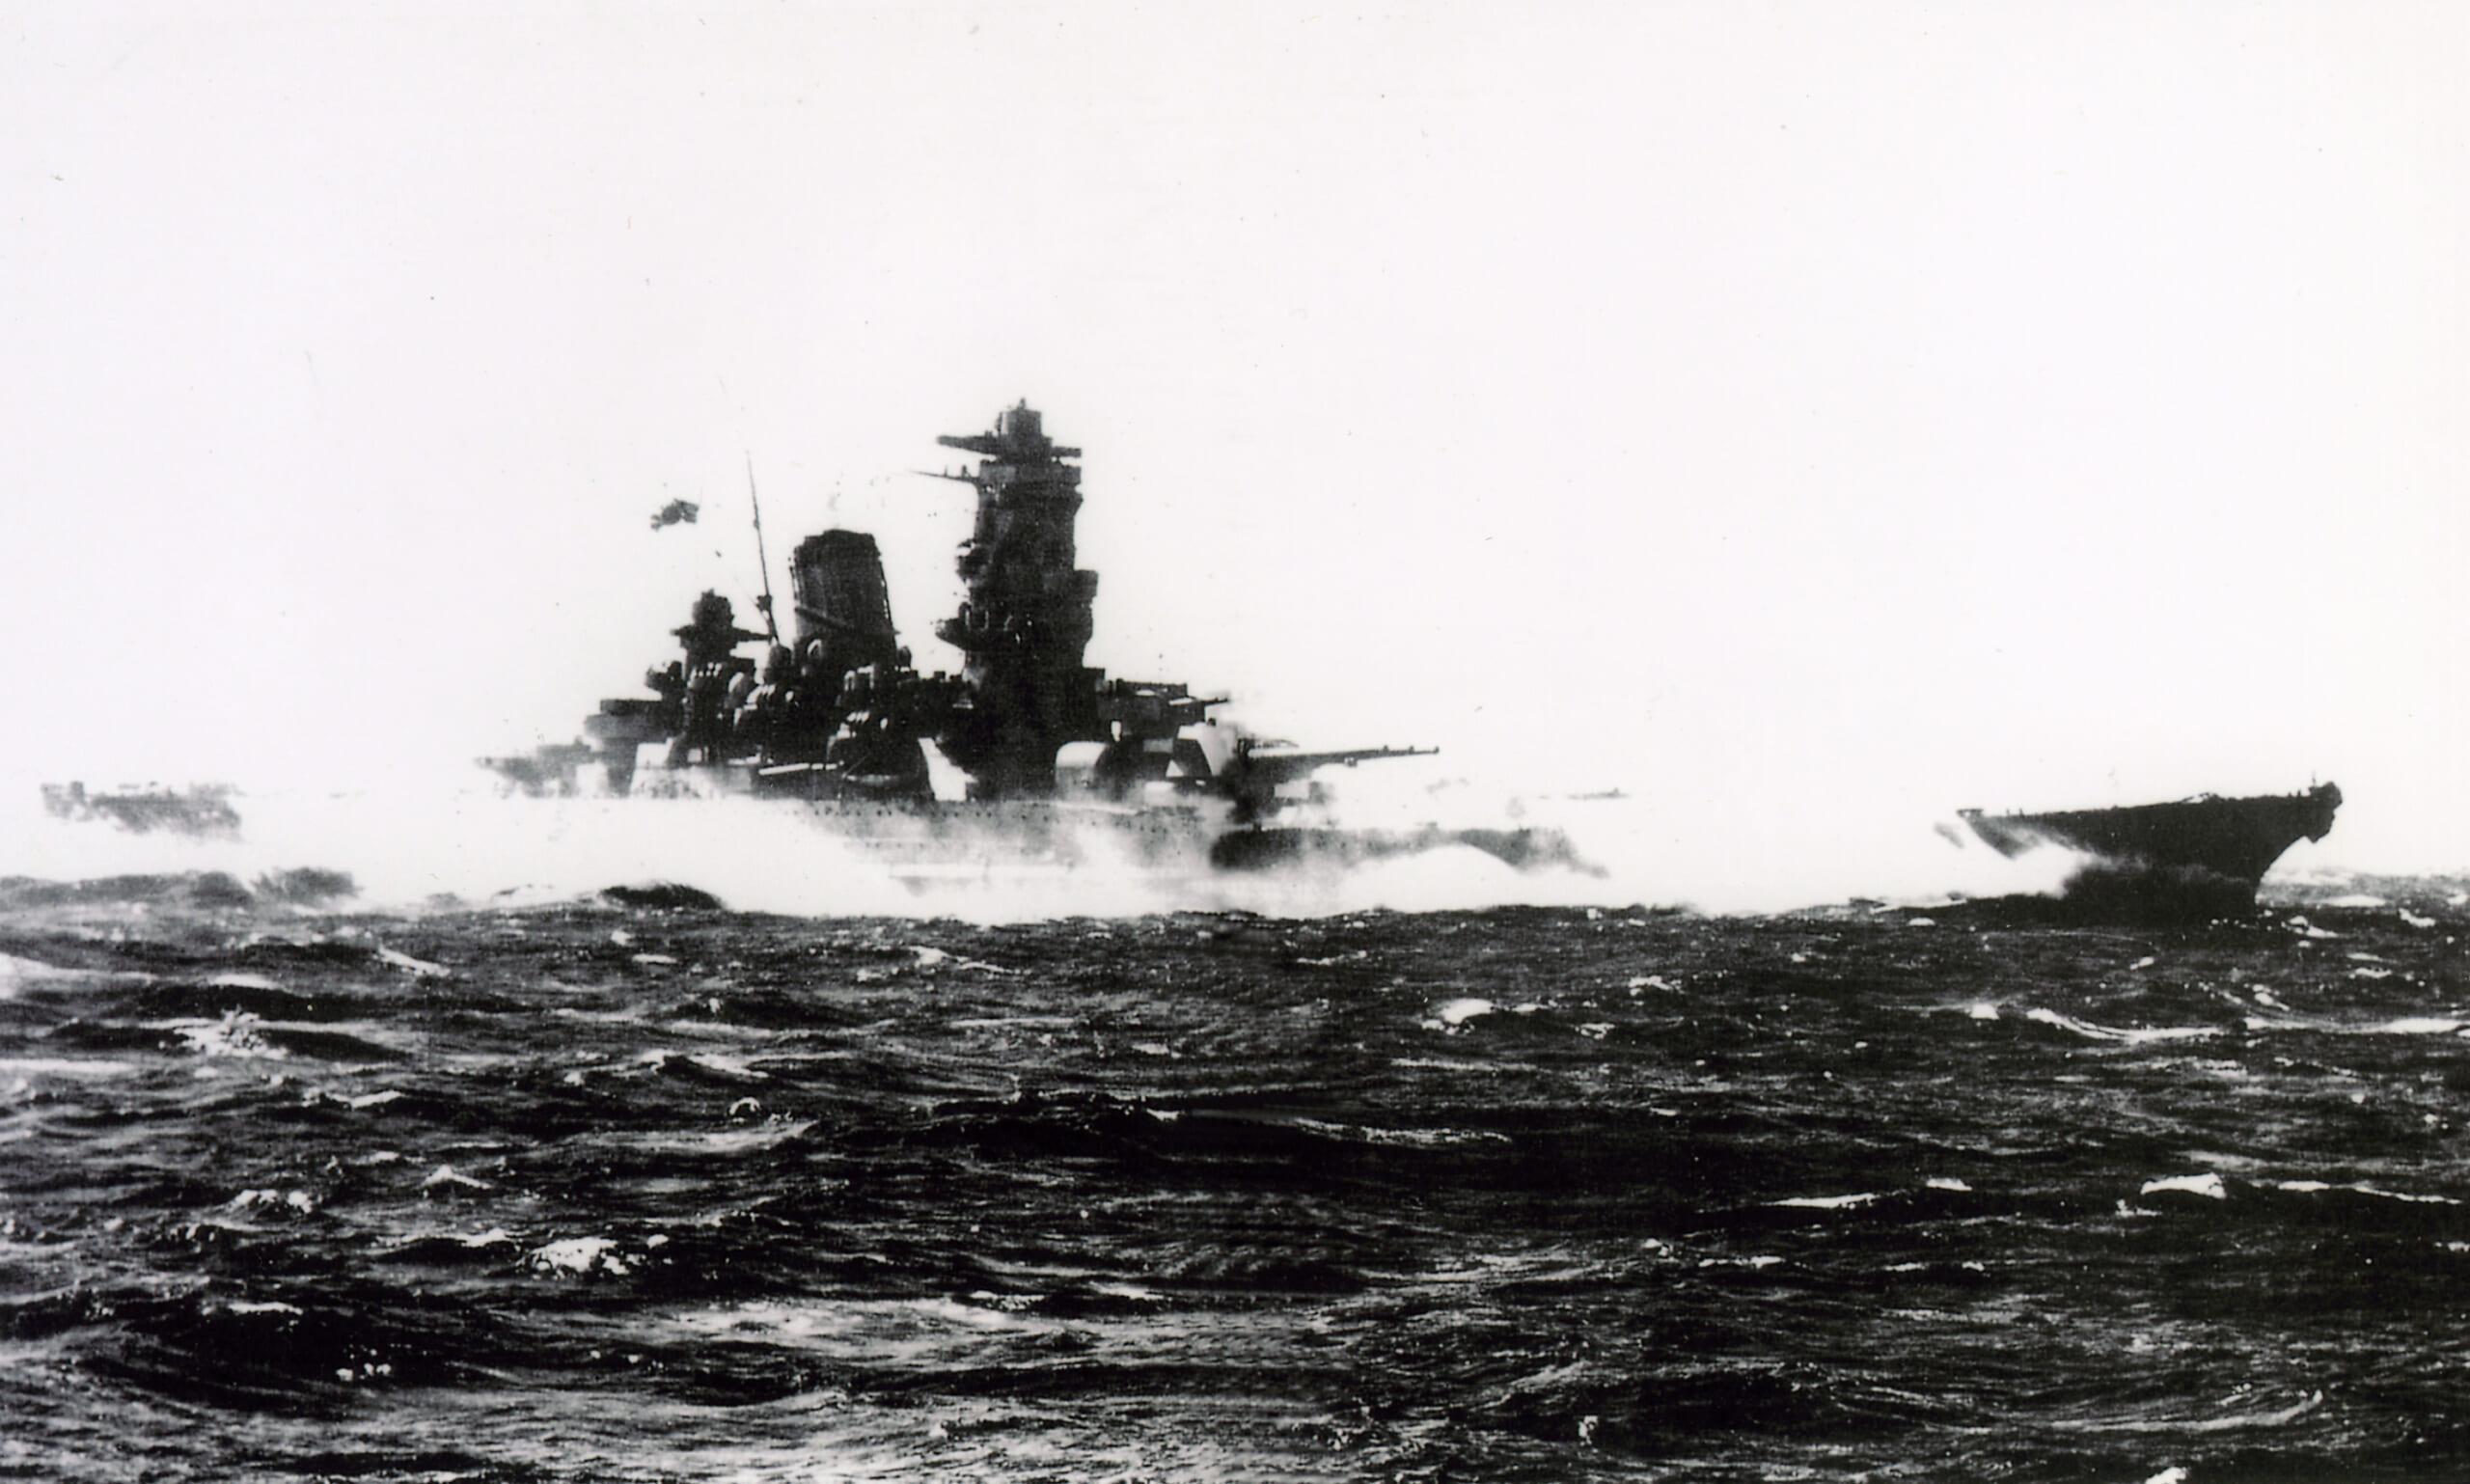 神大佐の杜撰な作戦により<br />戦艦大和は悲劇的結末を迎える<br />